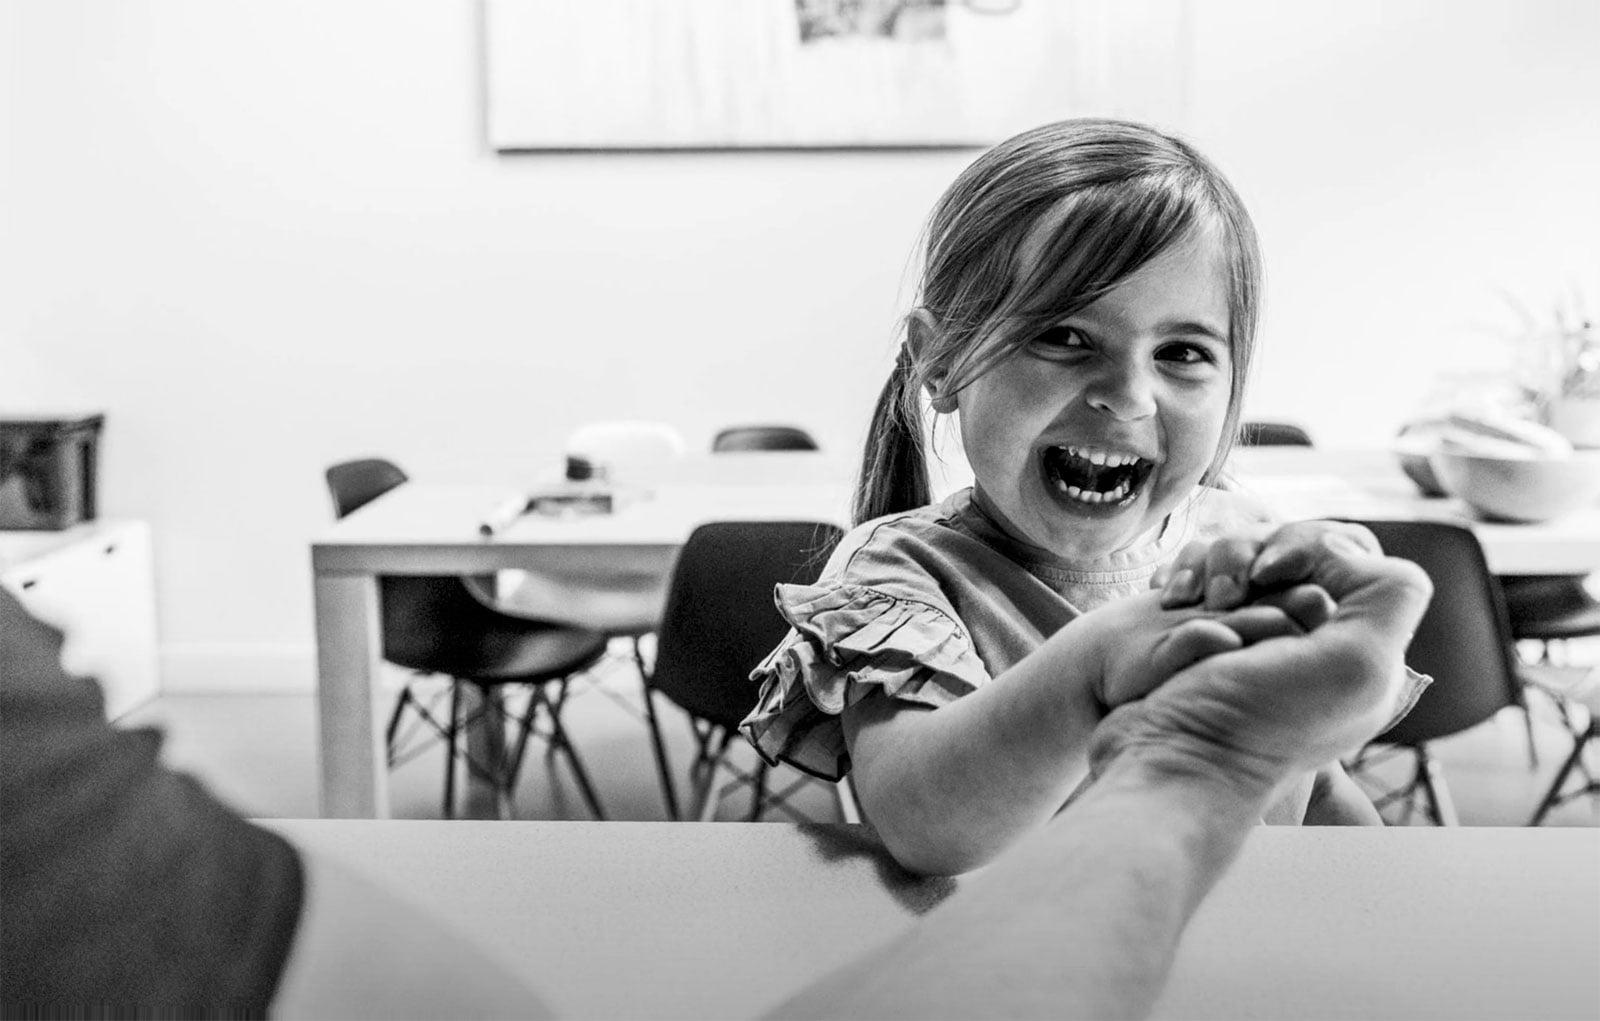 kinderfotografie workshop online